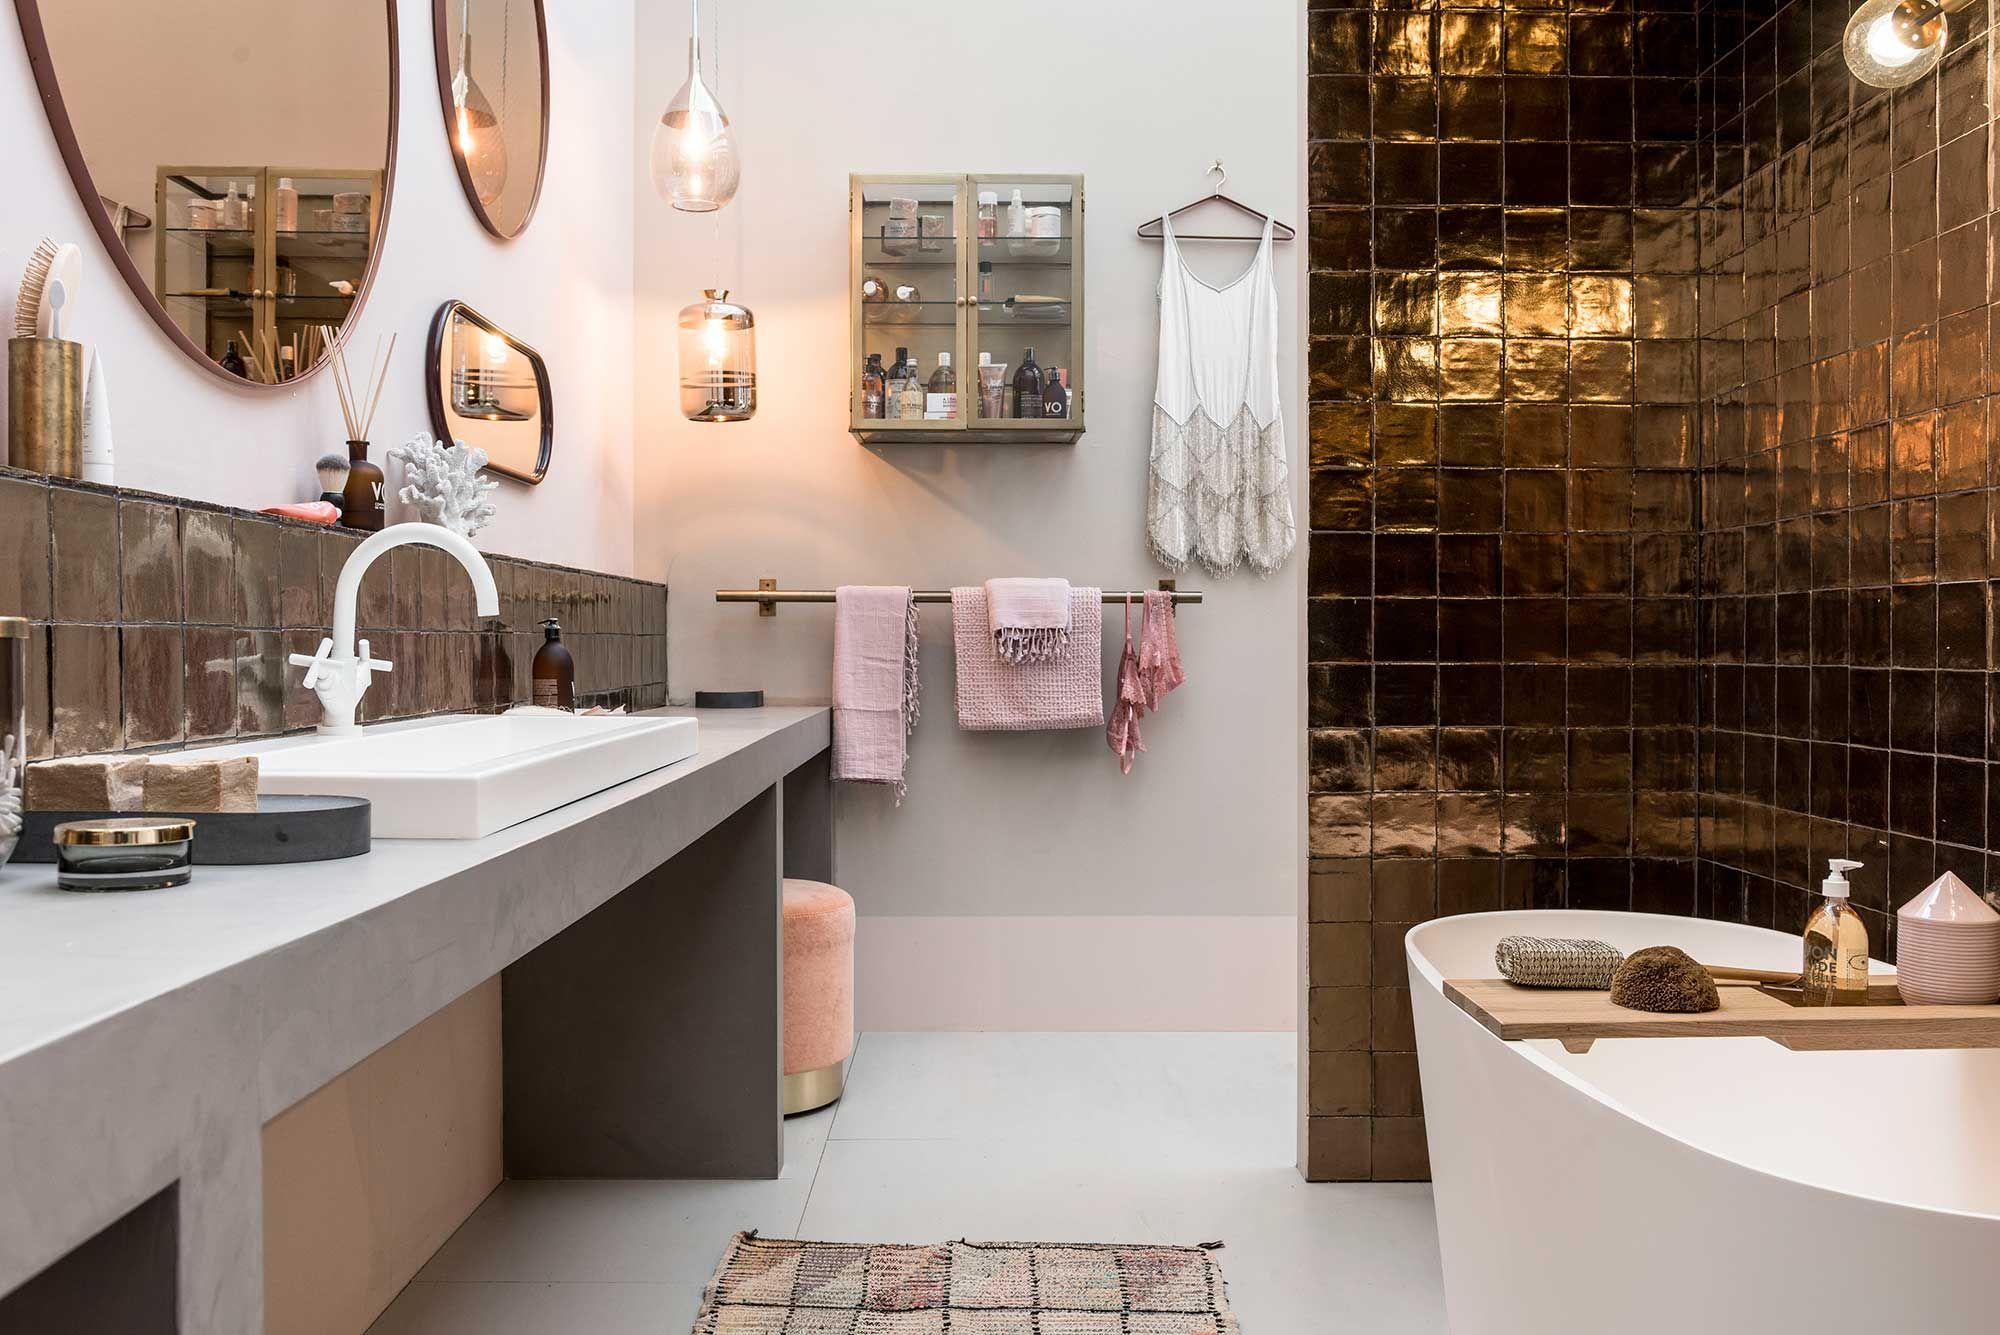 Vt Wonen Badkamer : Vt wonen design beurs wandtegel villa dark gold metallic